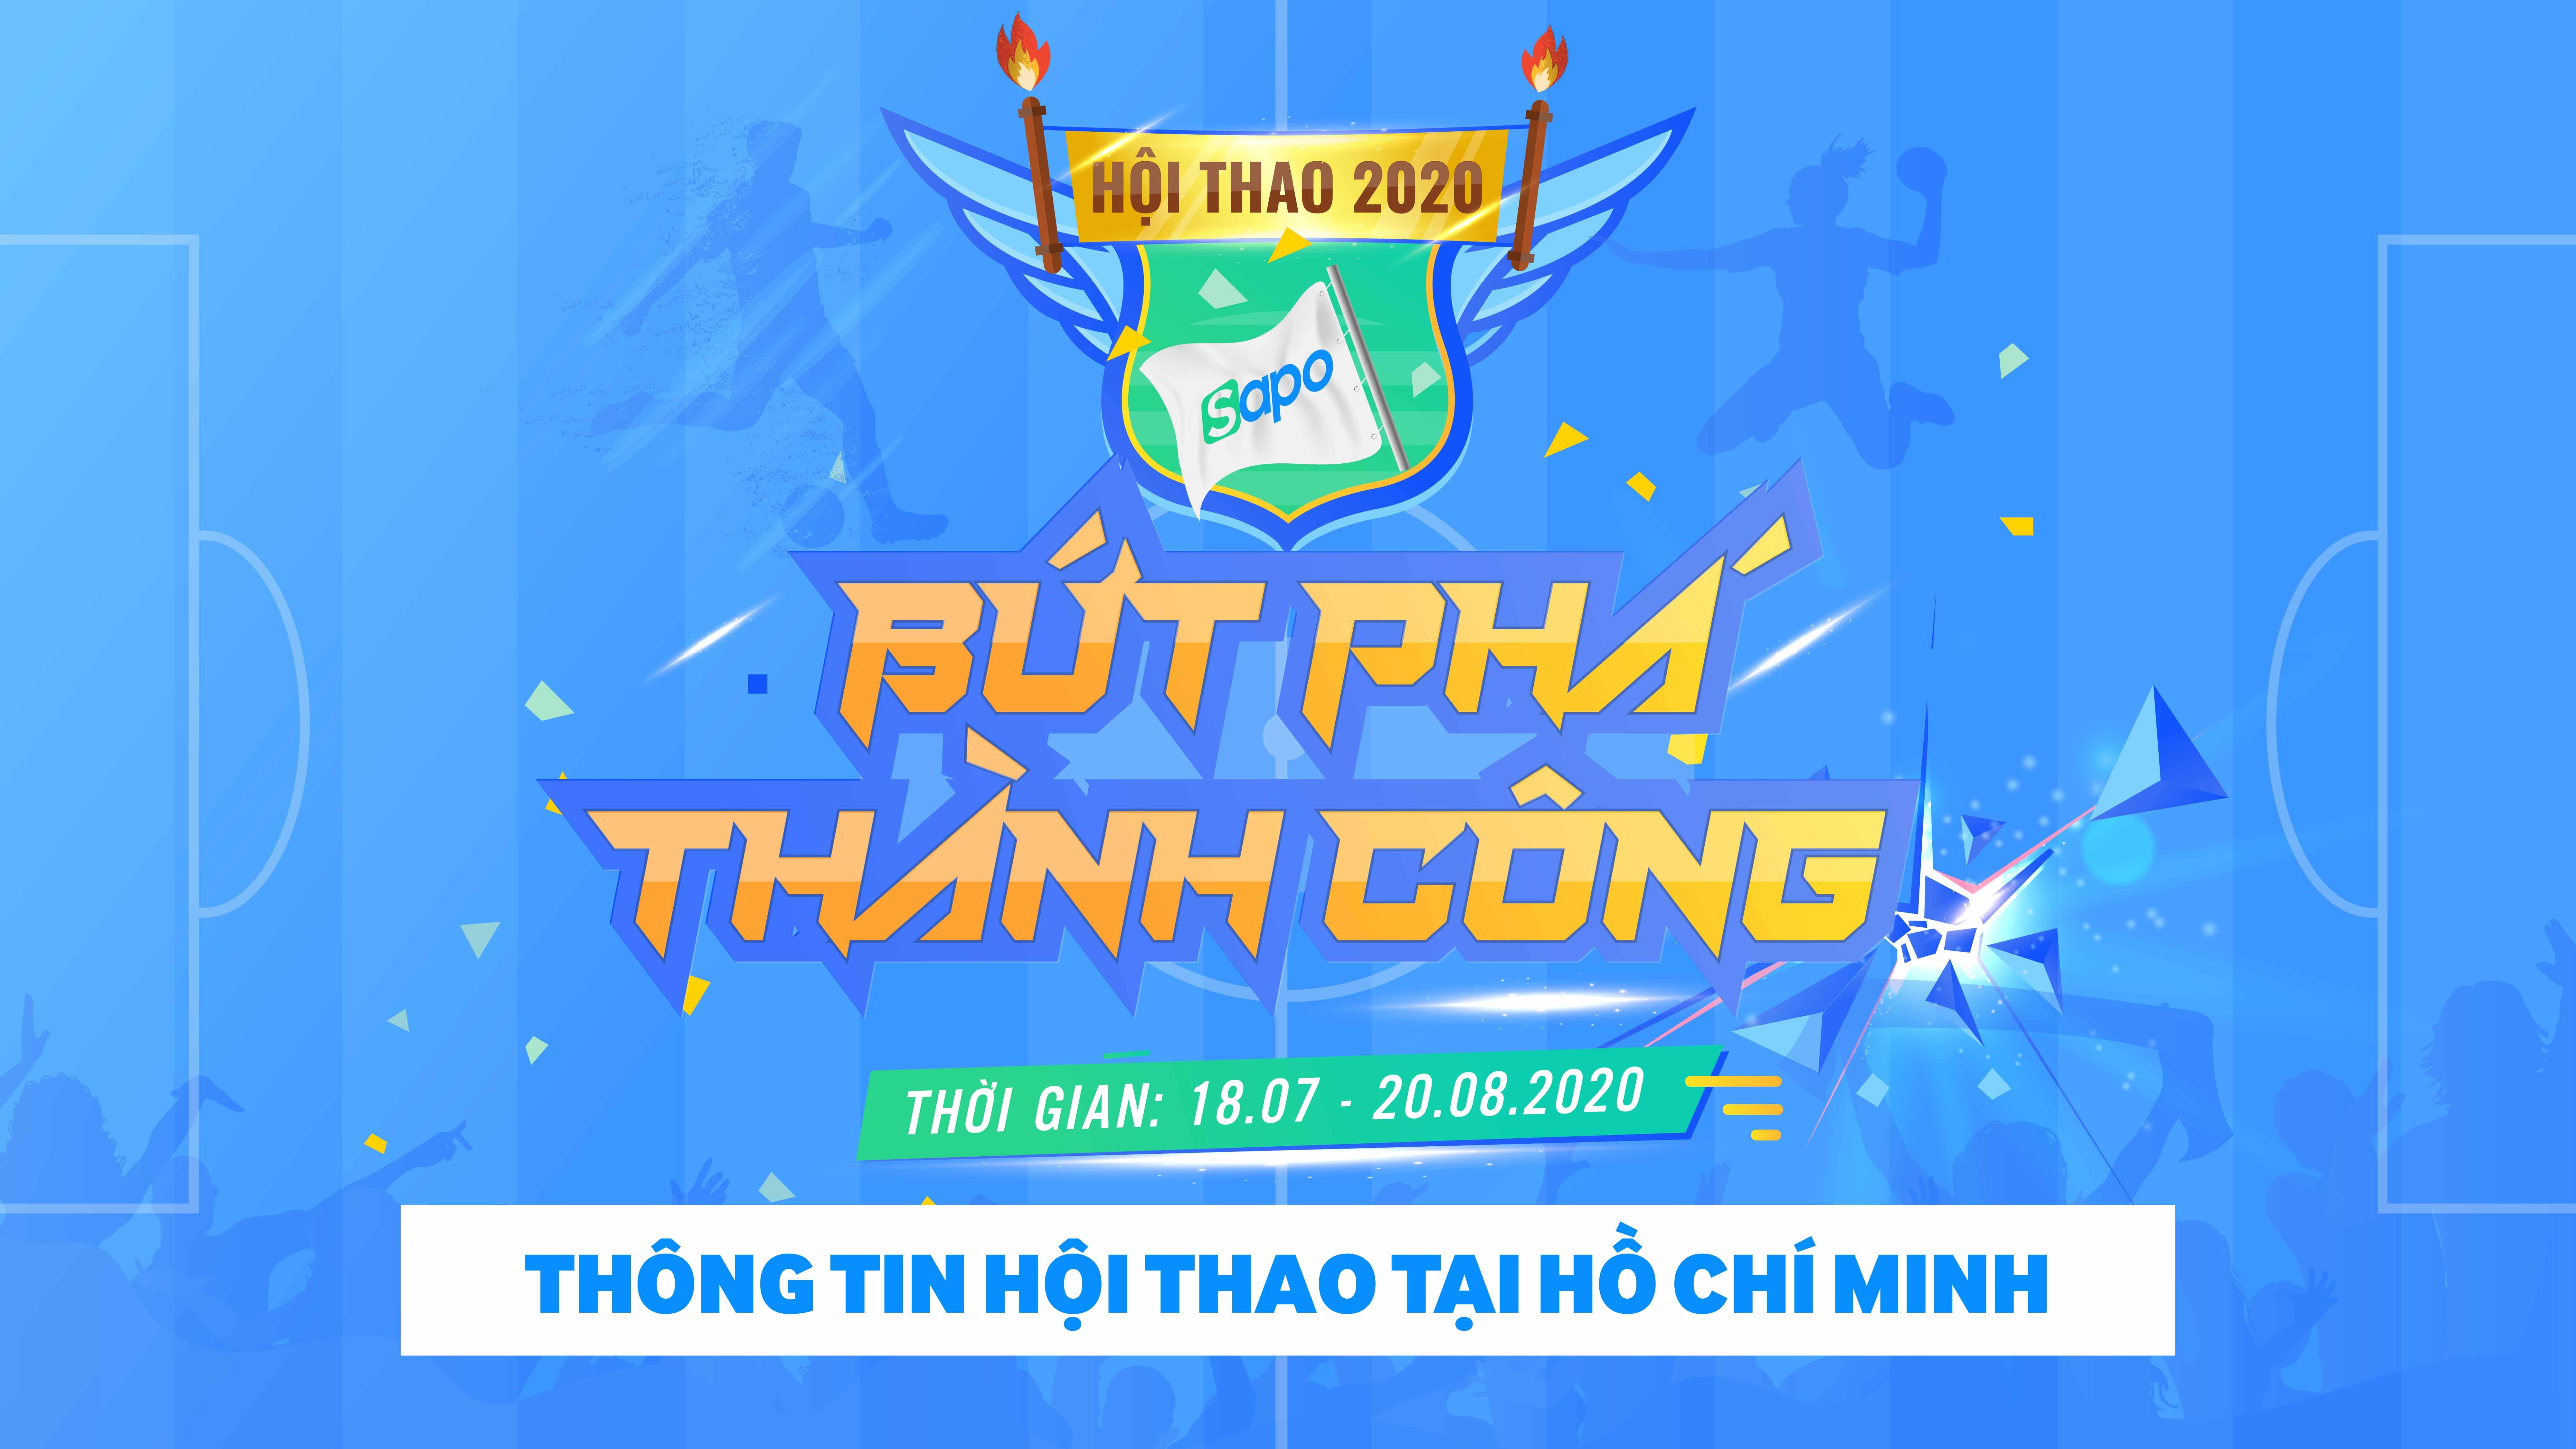 Chào mừng sinh nhật Sapo 12 tuổi - Hội thao 2020 tại Hồ Chí Minh.